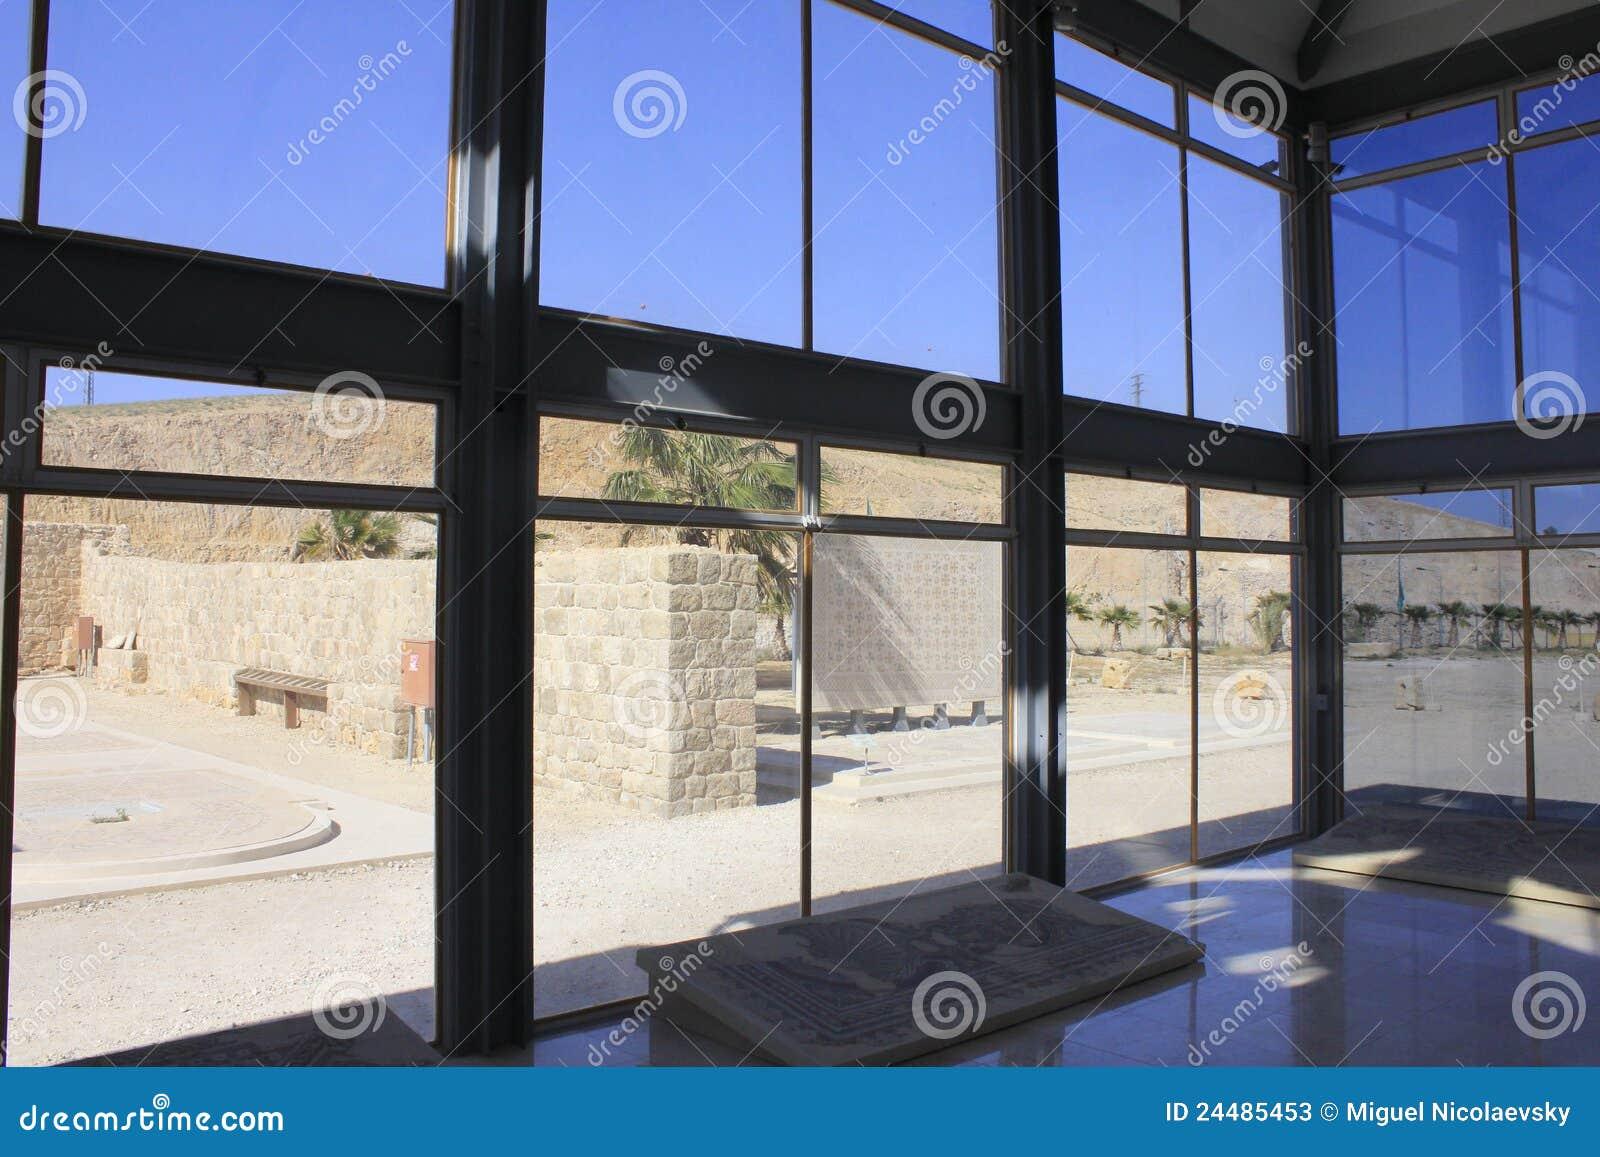 沙漠judea马赛克博物馆